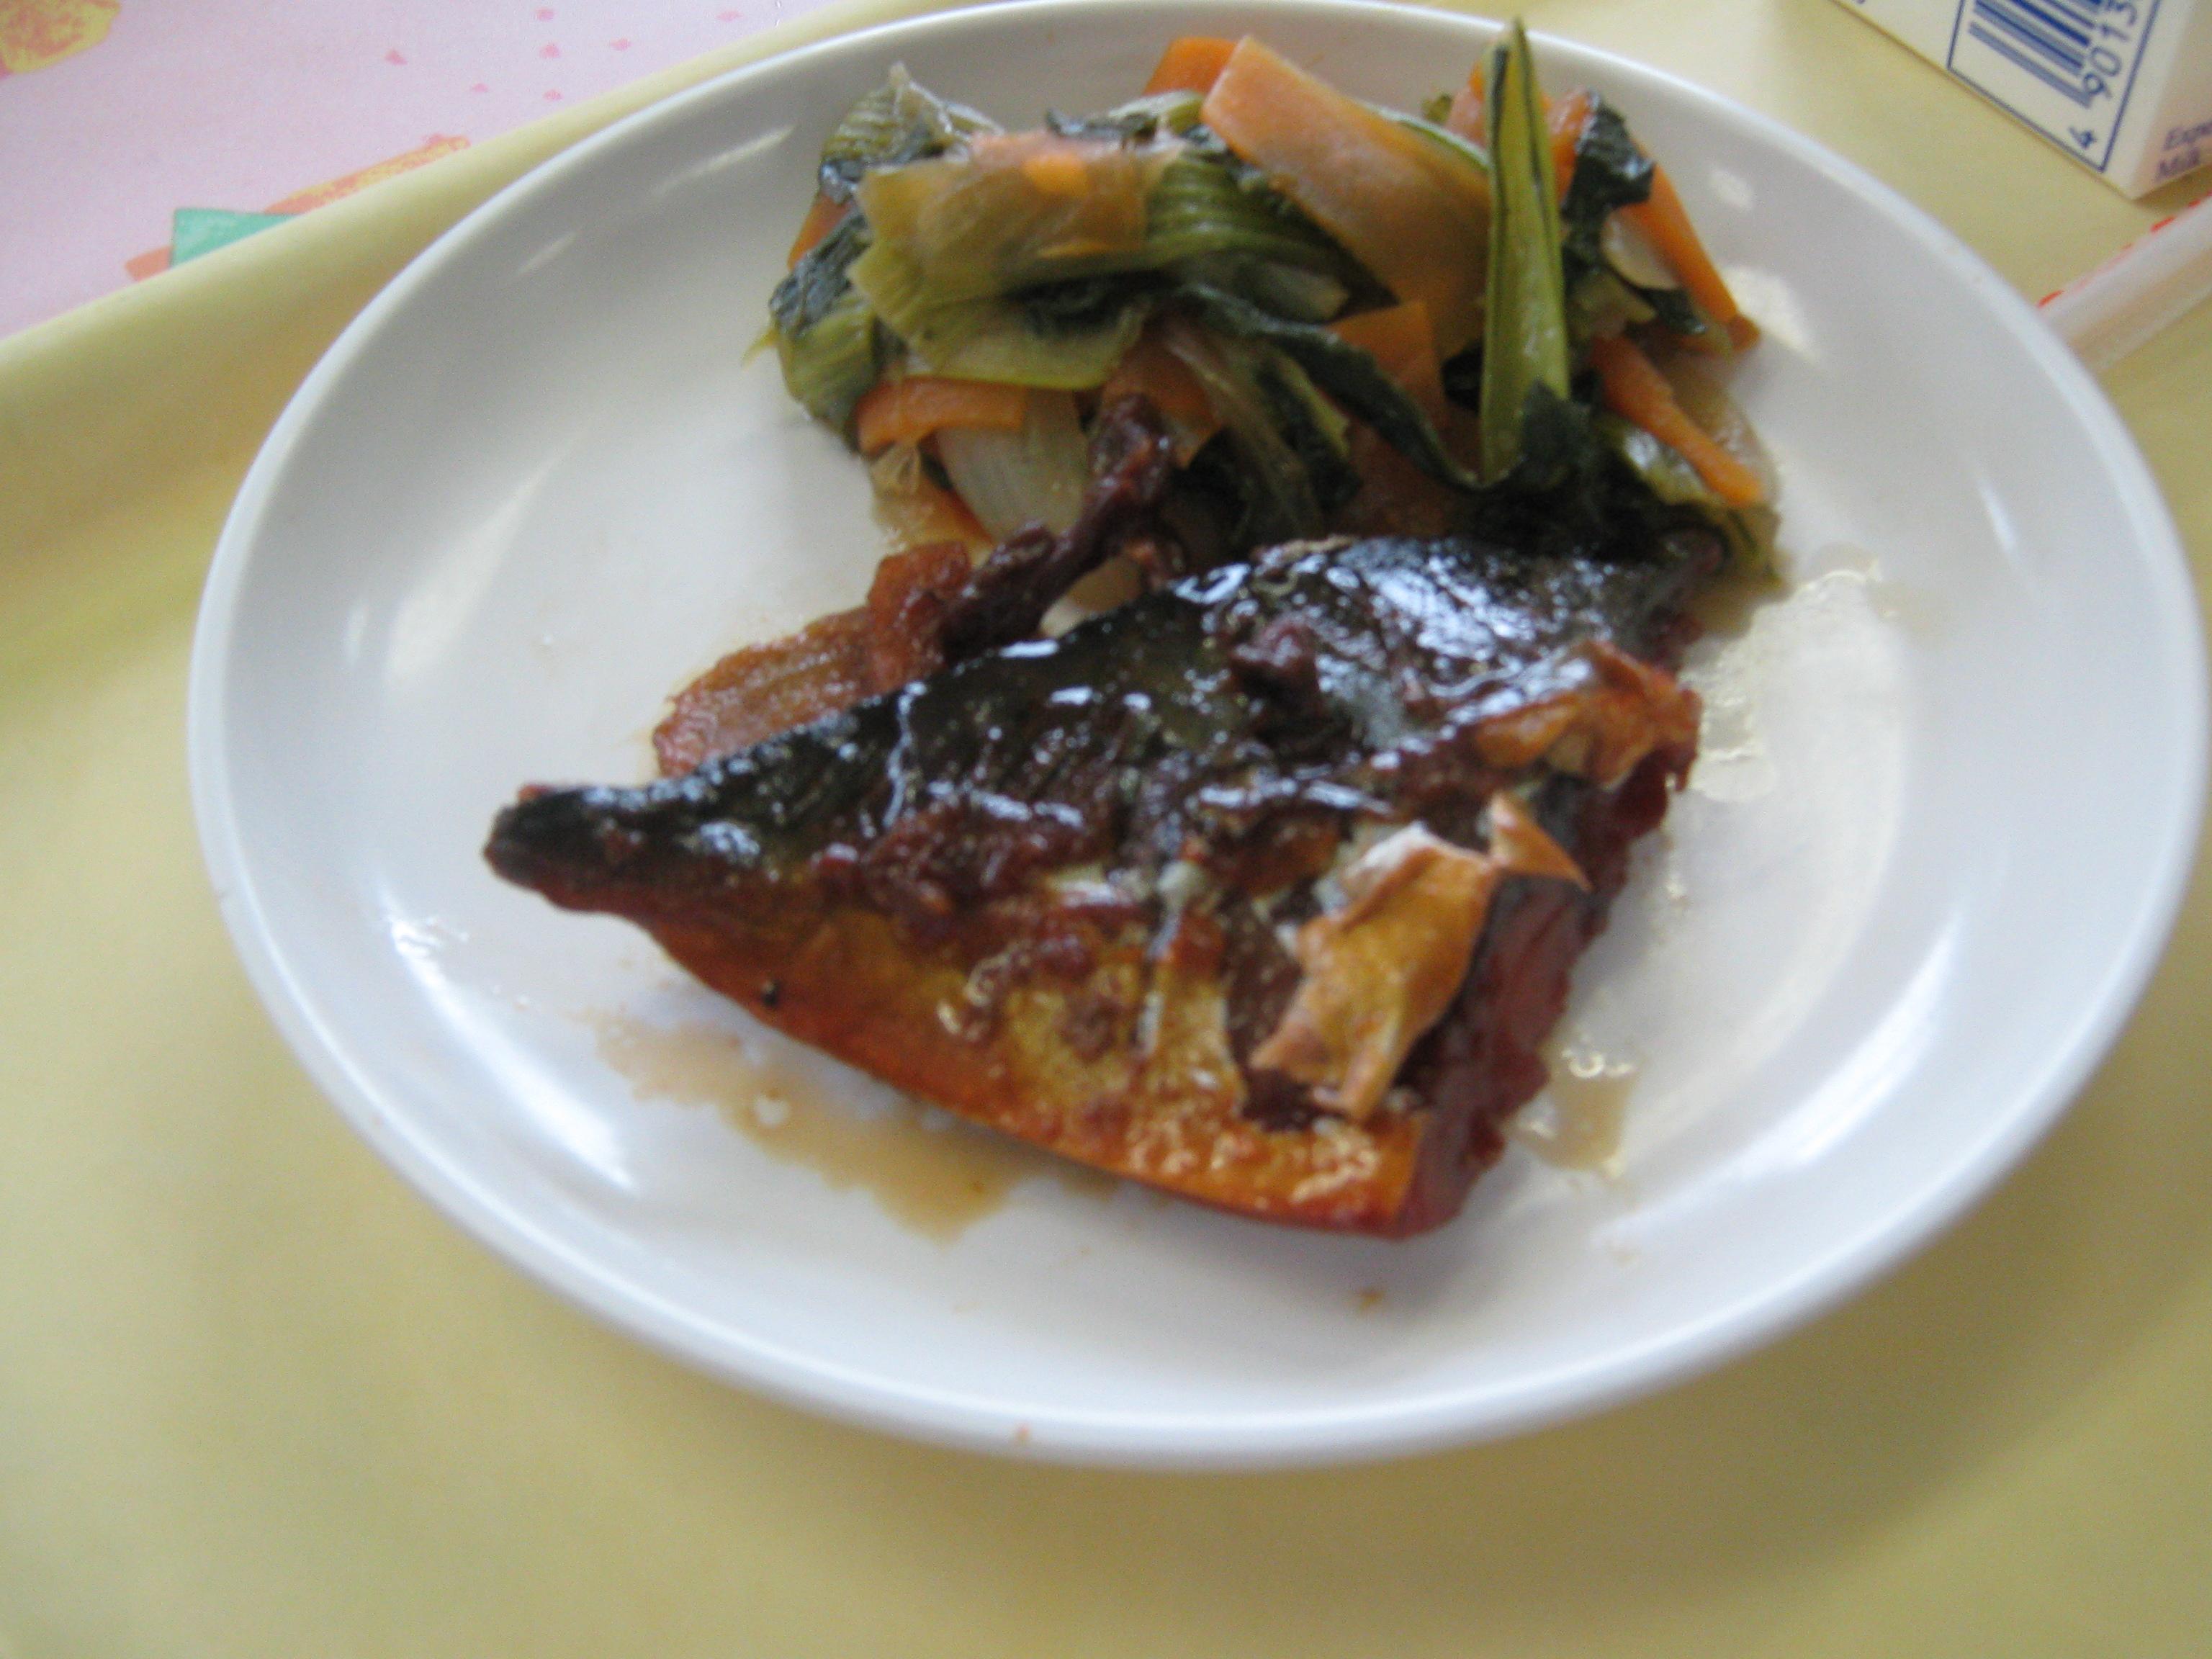 http://www.kyo-gk.com/recipes/images/boil/2010050702.jpg